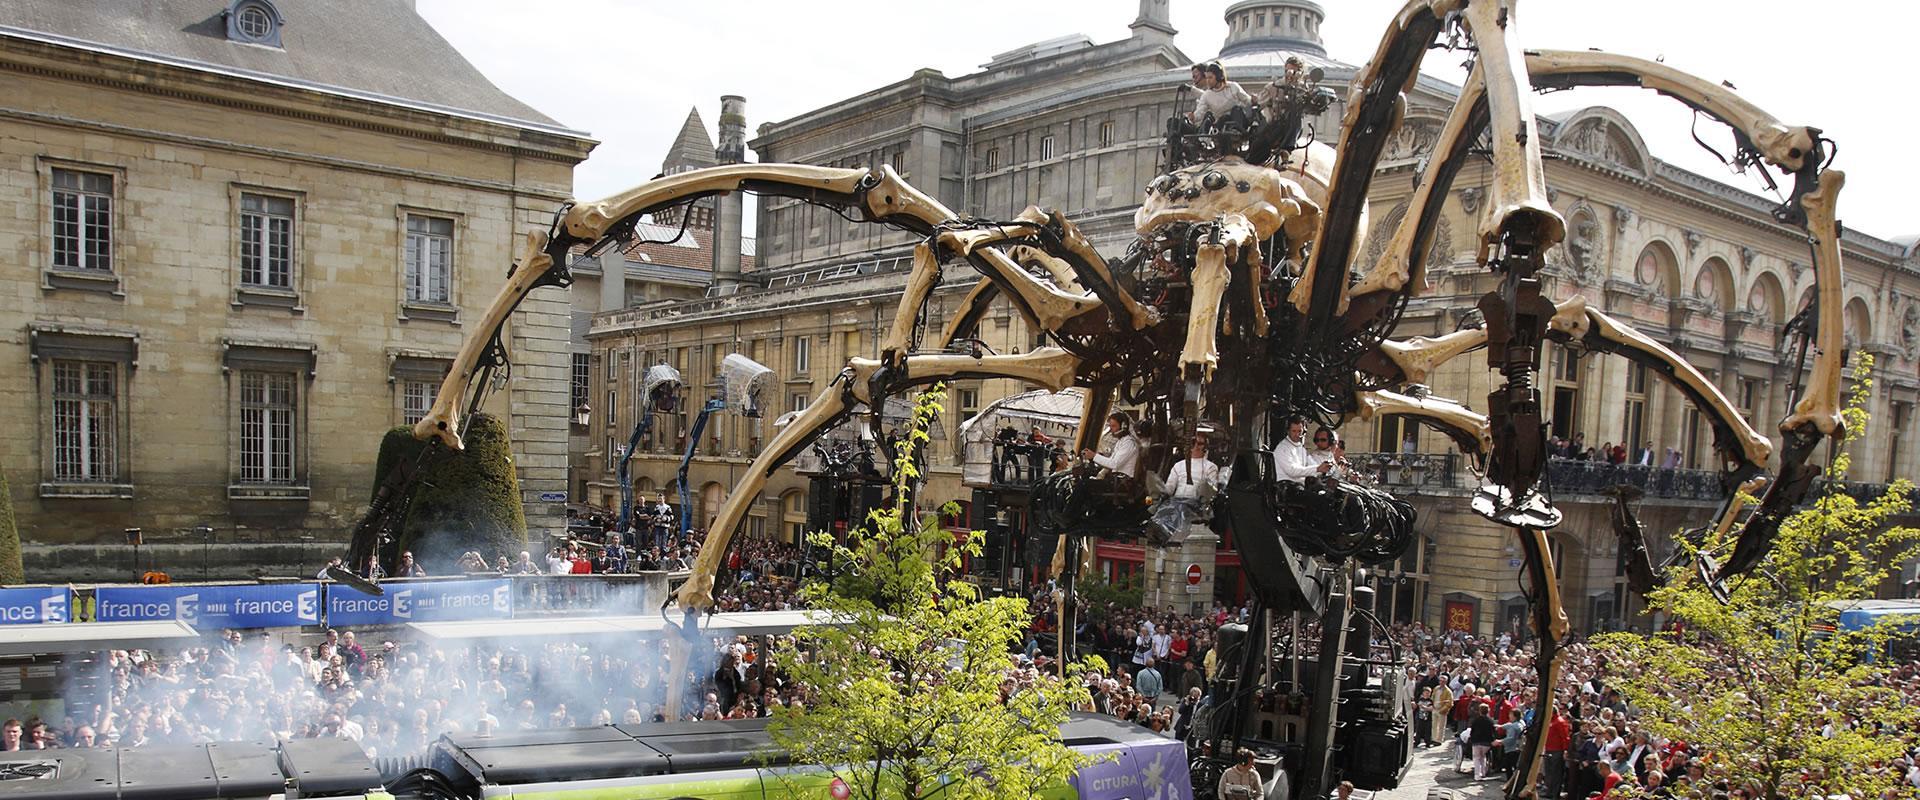 La Machine à Toulouse